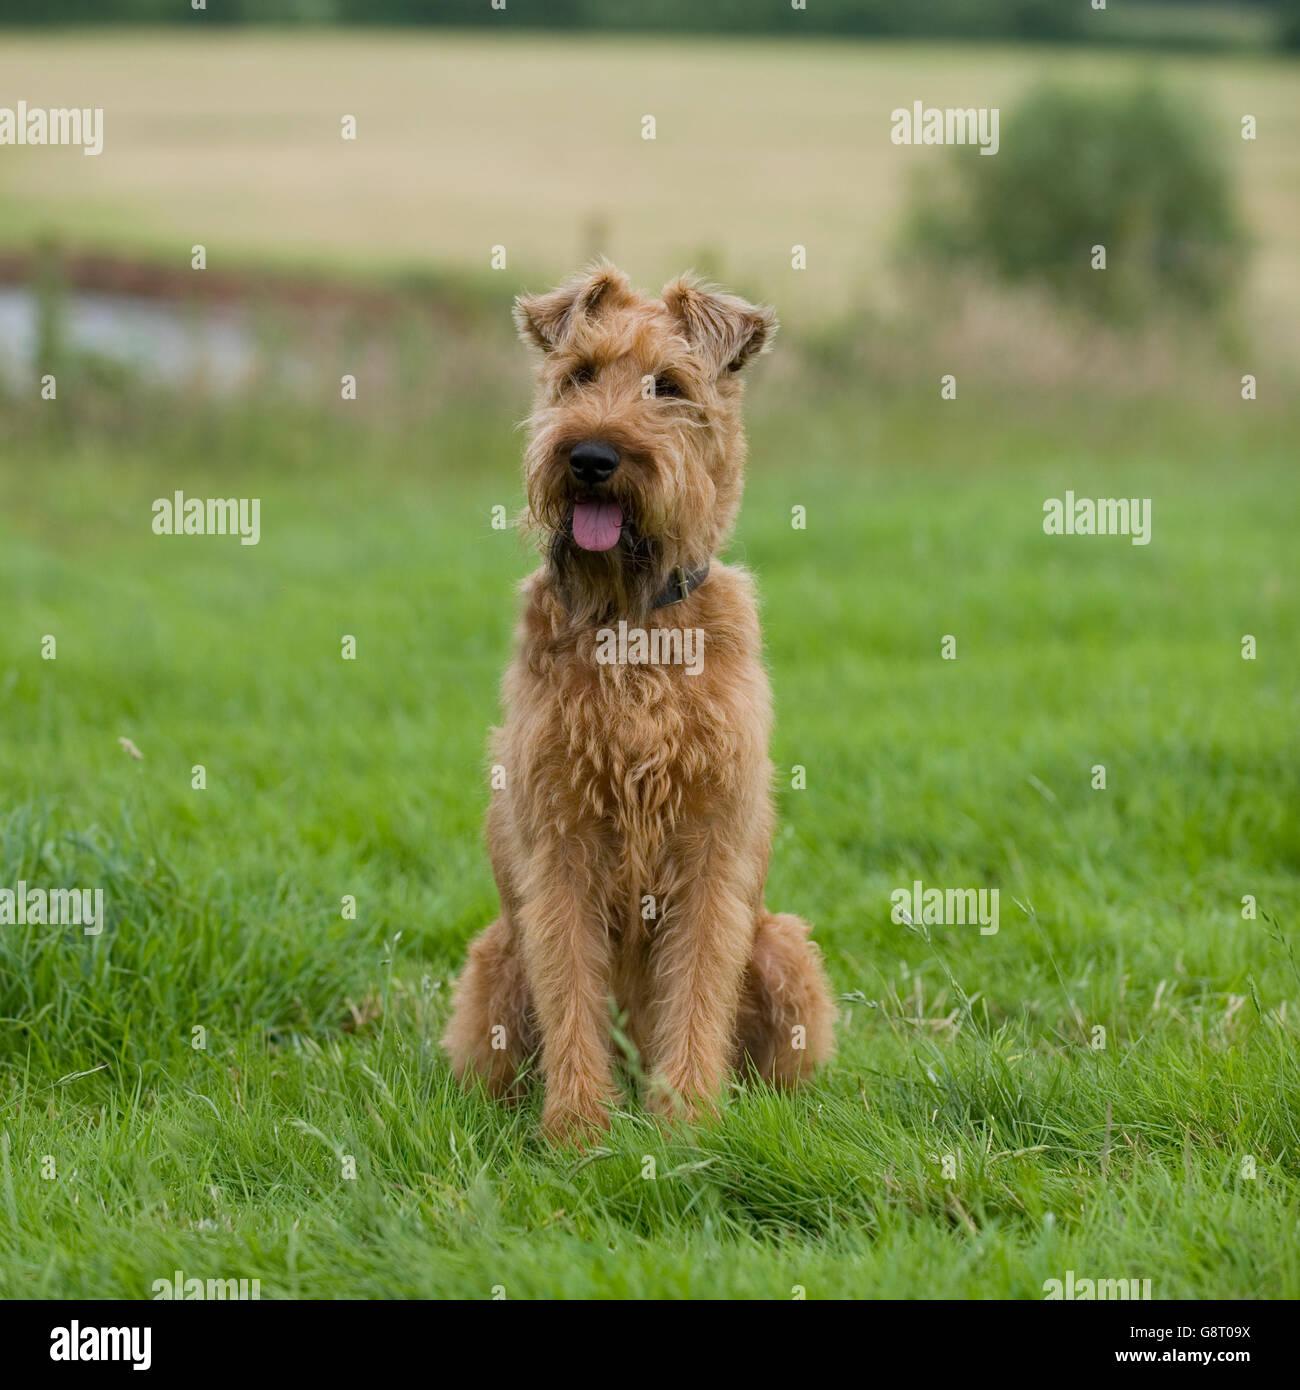 Irish terrier - Stock Image